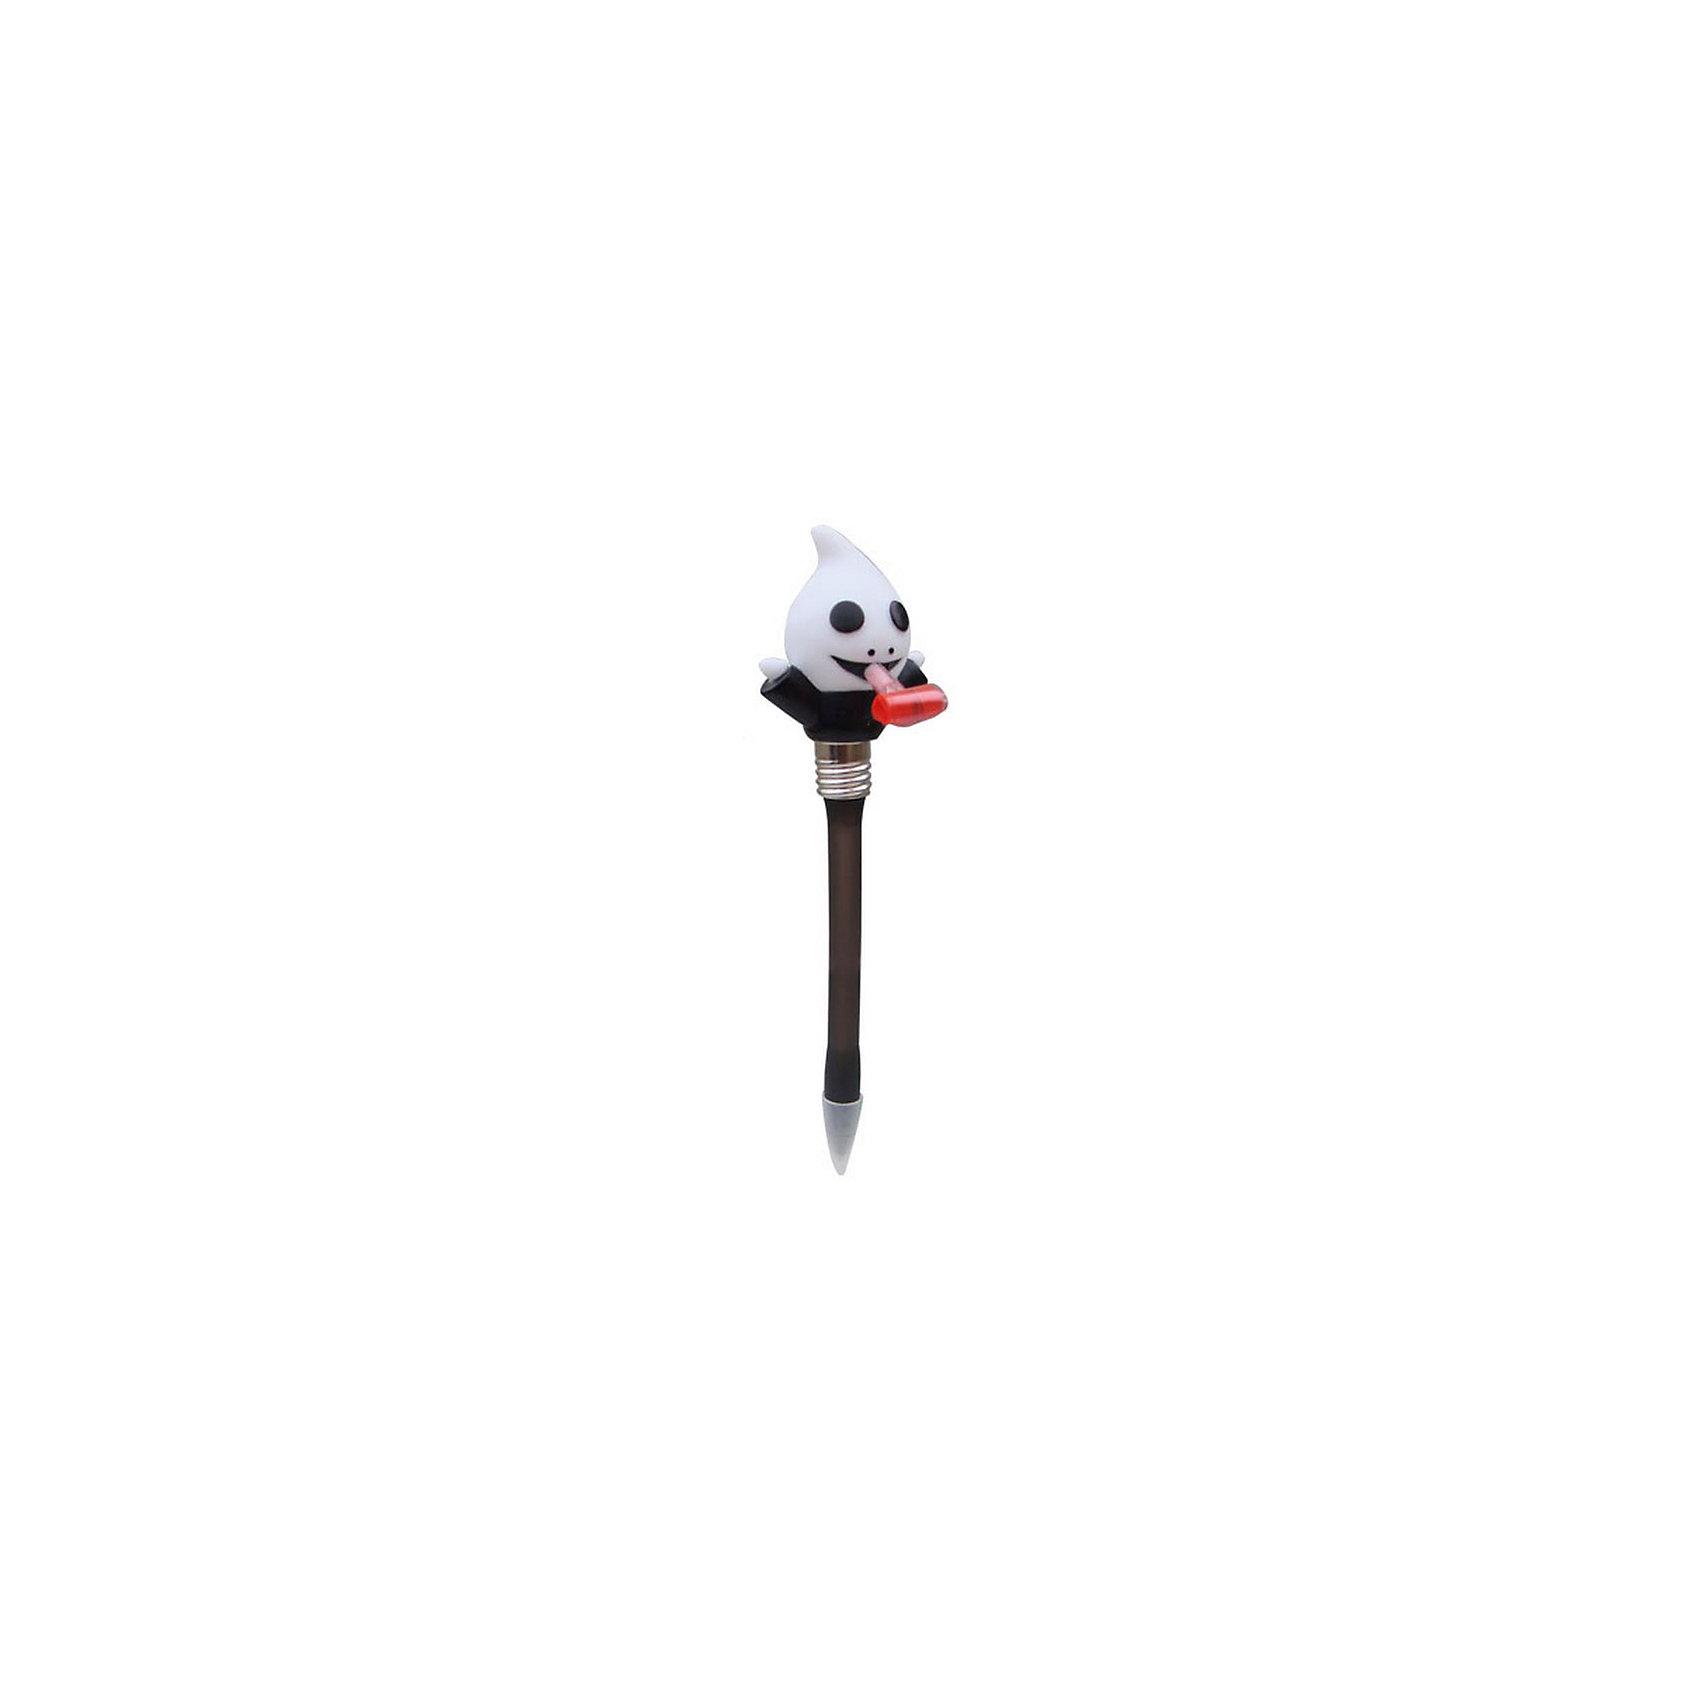 Ручка LED «Свисток» ПривидениеПисьменные принадлежности<br><br><br>Ширина мм: 30<br>Глубина мм: 100<br>Высота мм: 260<br>Вес г: 100<br>Возраст от месяцев: 72<br>Возраст до месяцев: 144<br>Пол: Унисекс<br>Возраст: Детский<br>SKU: 5124792